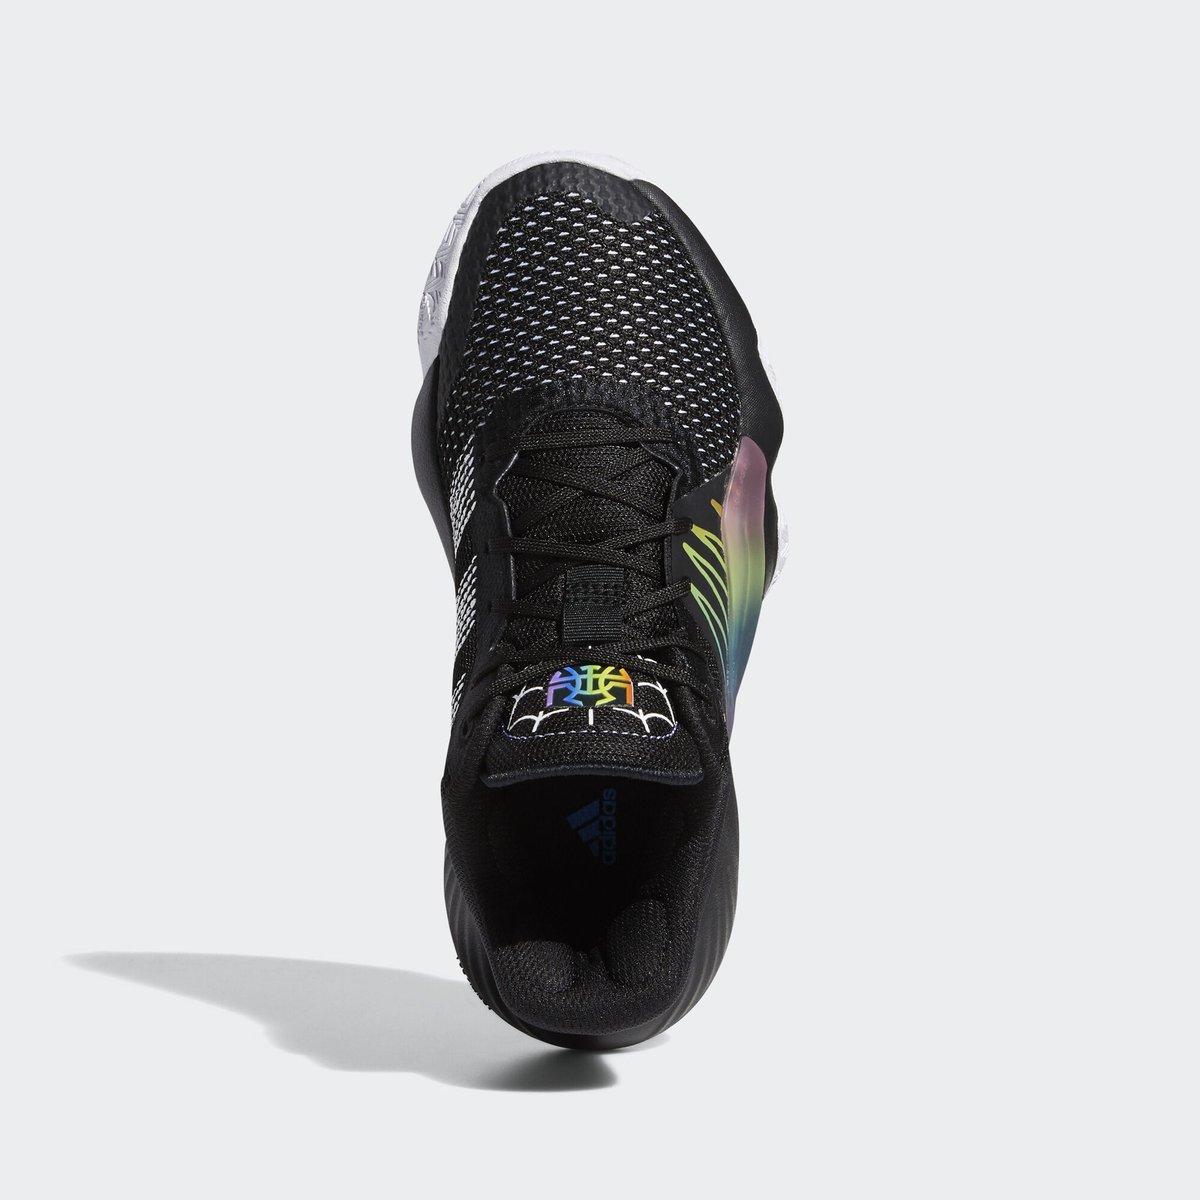 adidas,D.O.N. Issue #1,发售 渐变线条点缀!米切尔战靴 D.O.N. Issue #1 又有新配色!